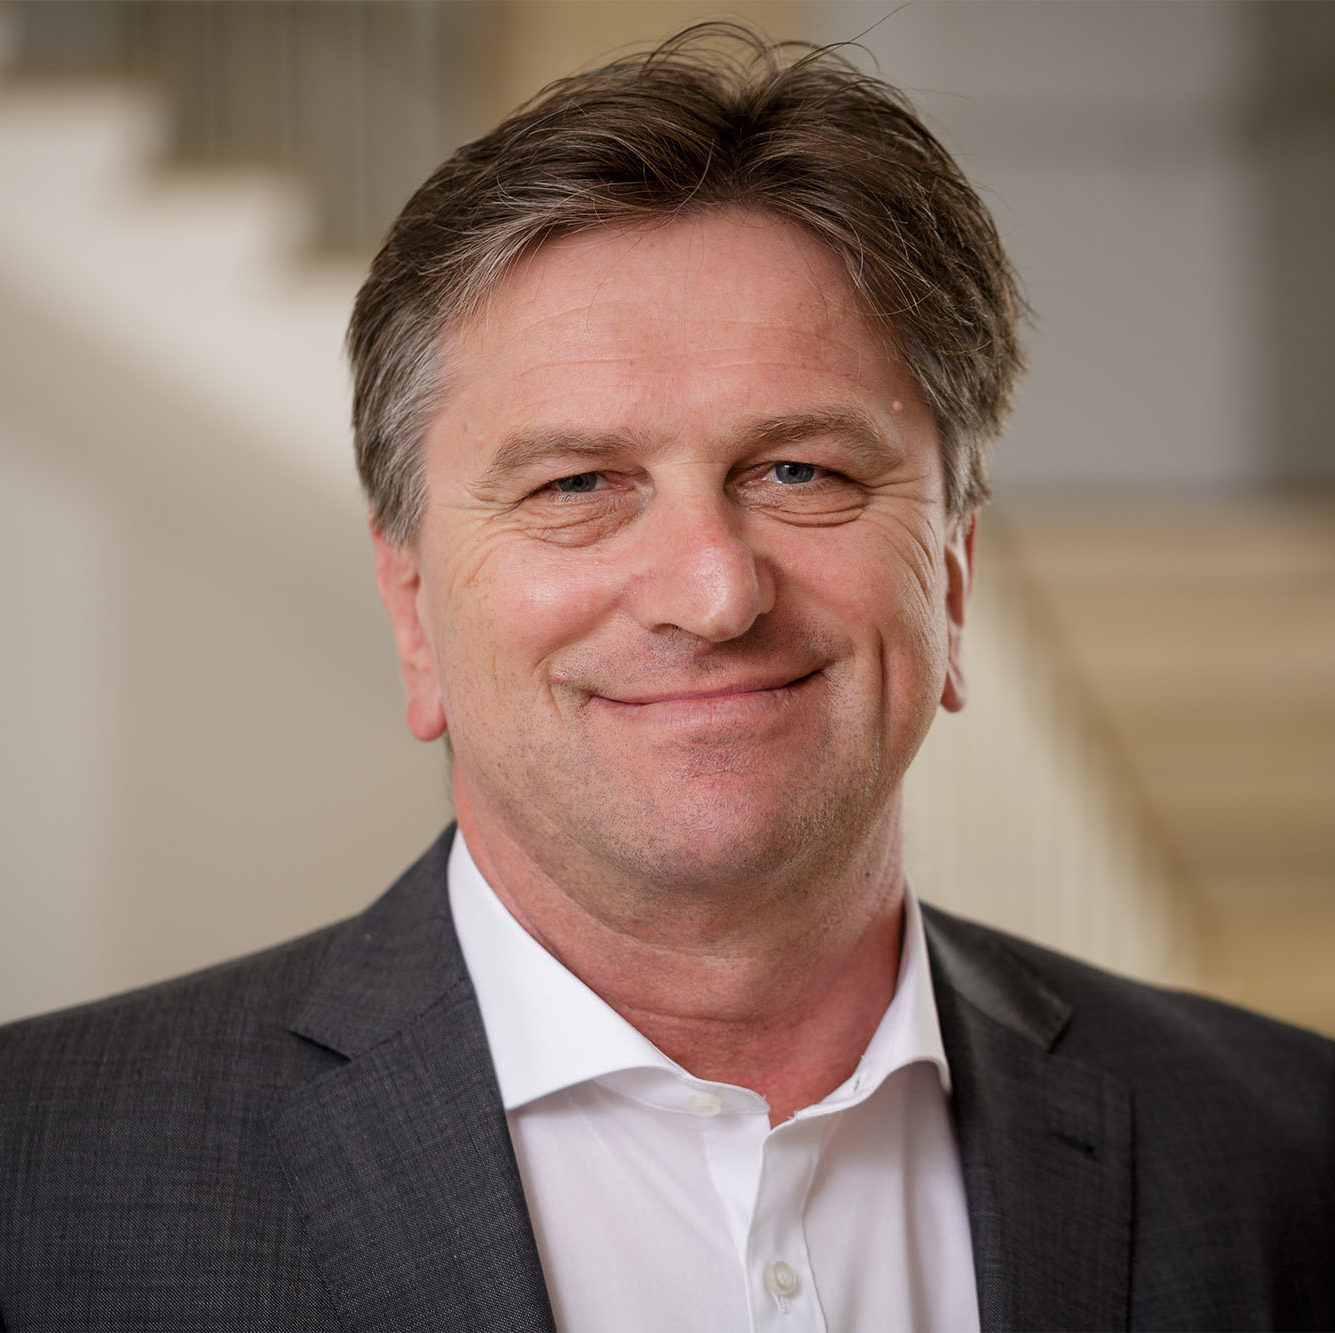 Bild des Ministers für Soziales und Integration Baden-Württemberg Manne Lucha